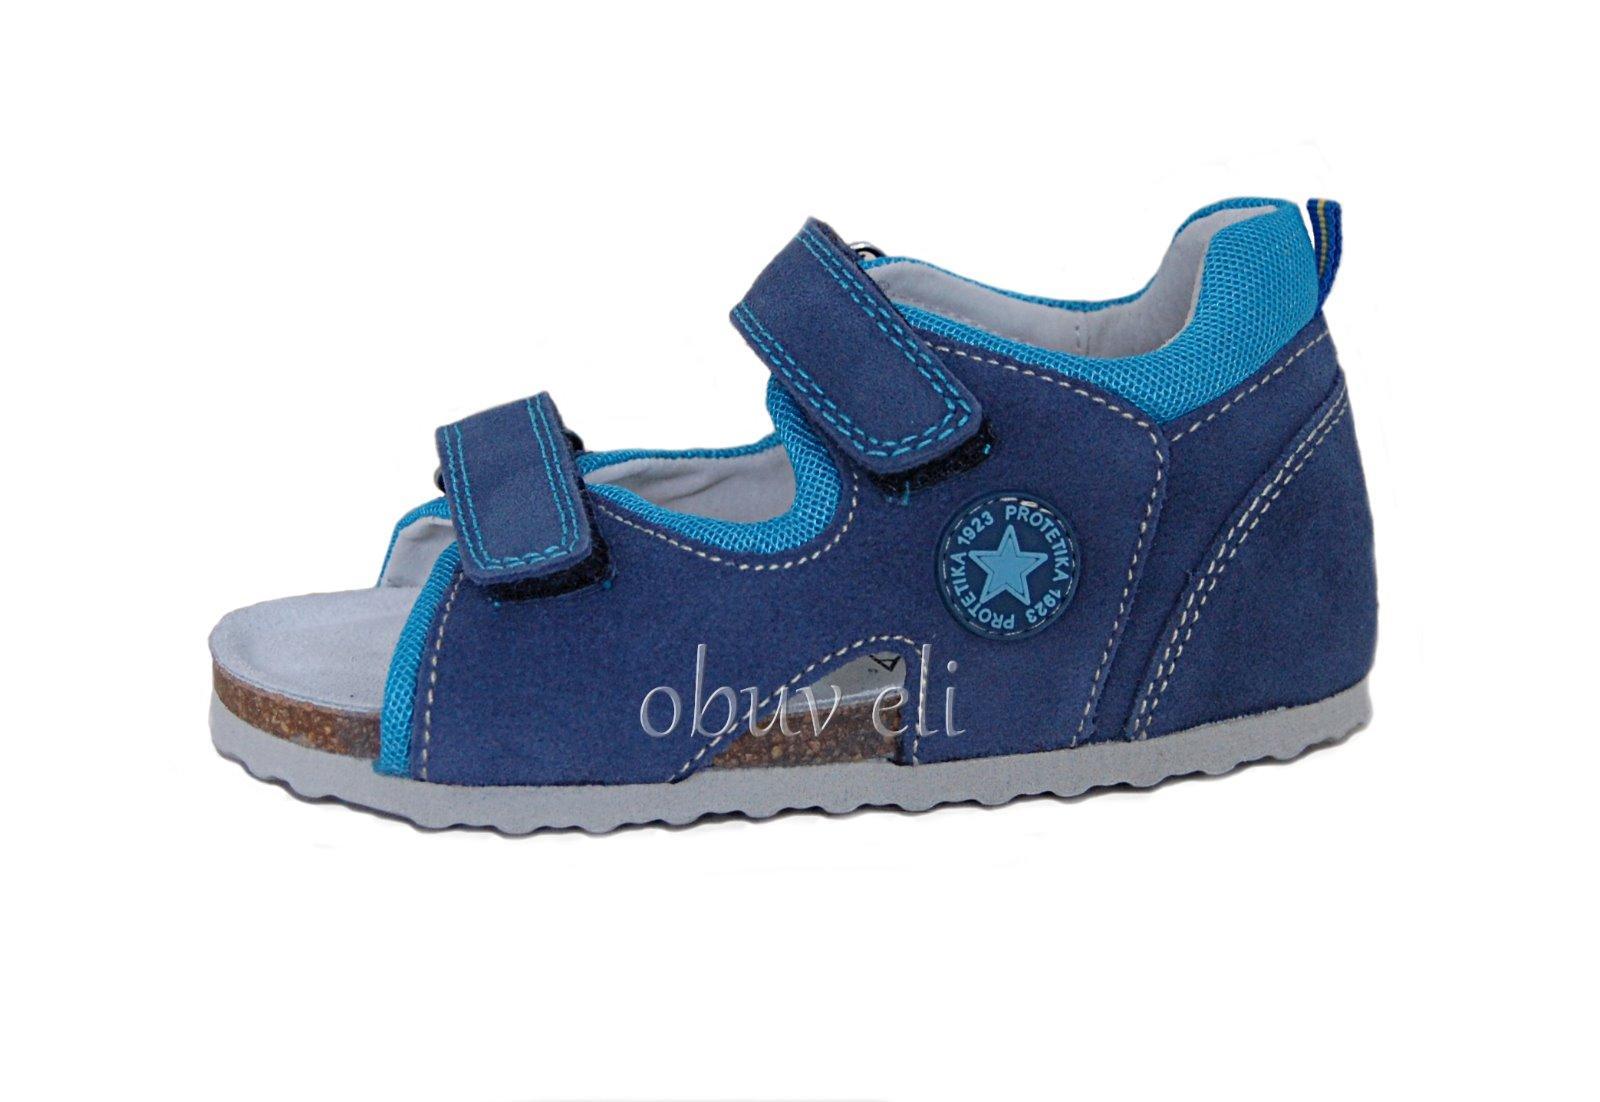 63f546a971a40 Ortopedické sandále 28-38 skladom, protetika,28 - 37 - 23,50 € od  predávajúcej obuveli | Detský bazár | ModryKonik.sk